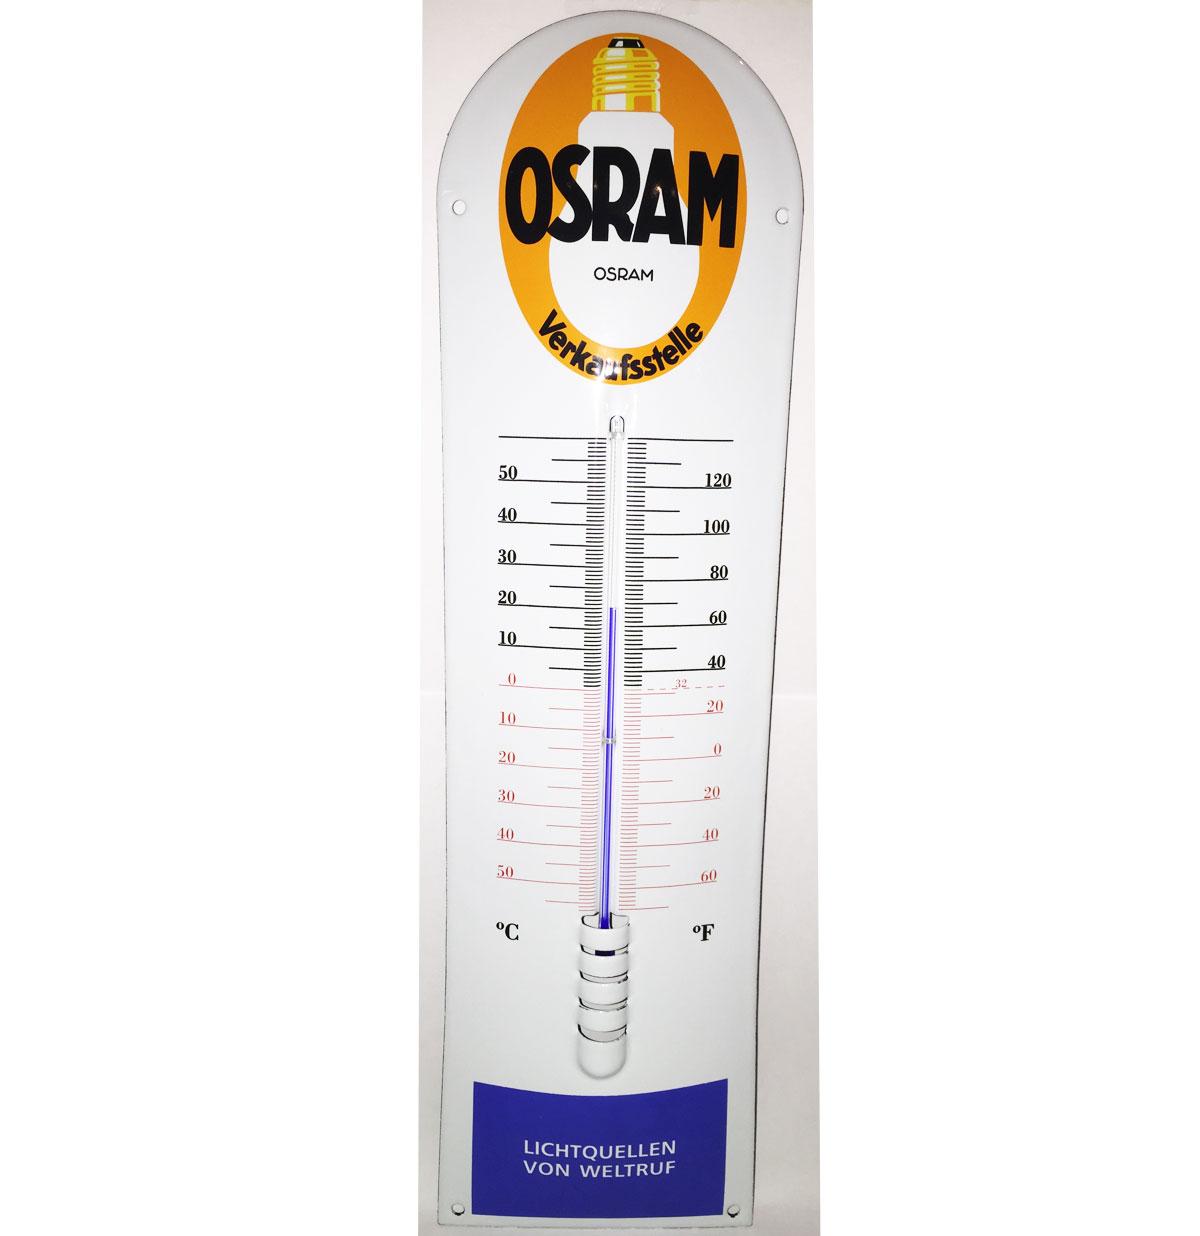 Osram Light Verkaufsstelle Emaille Thermometer